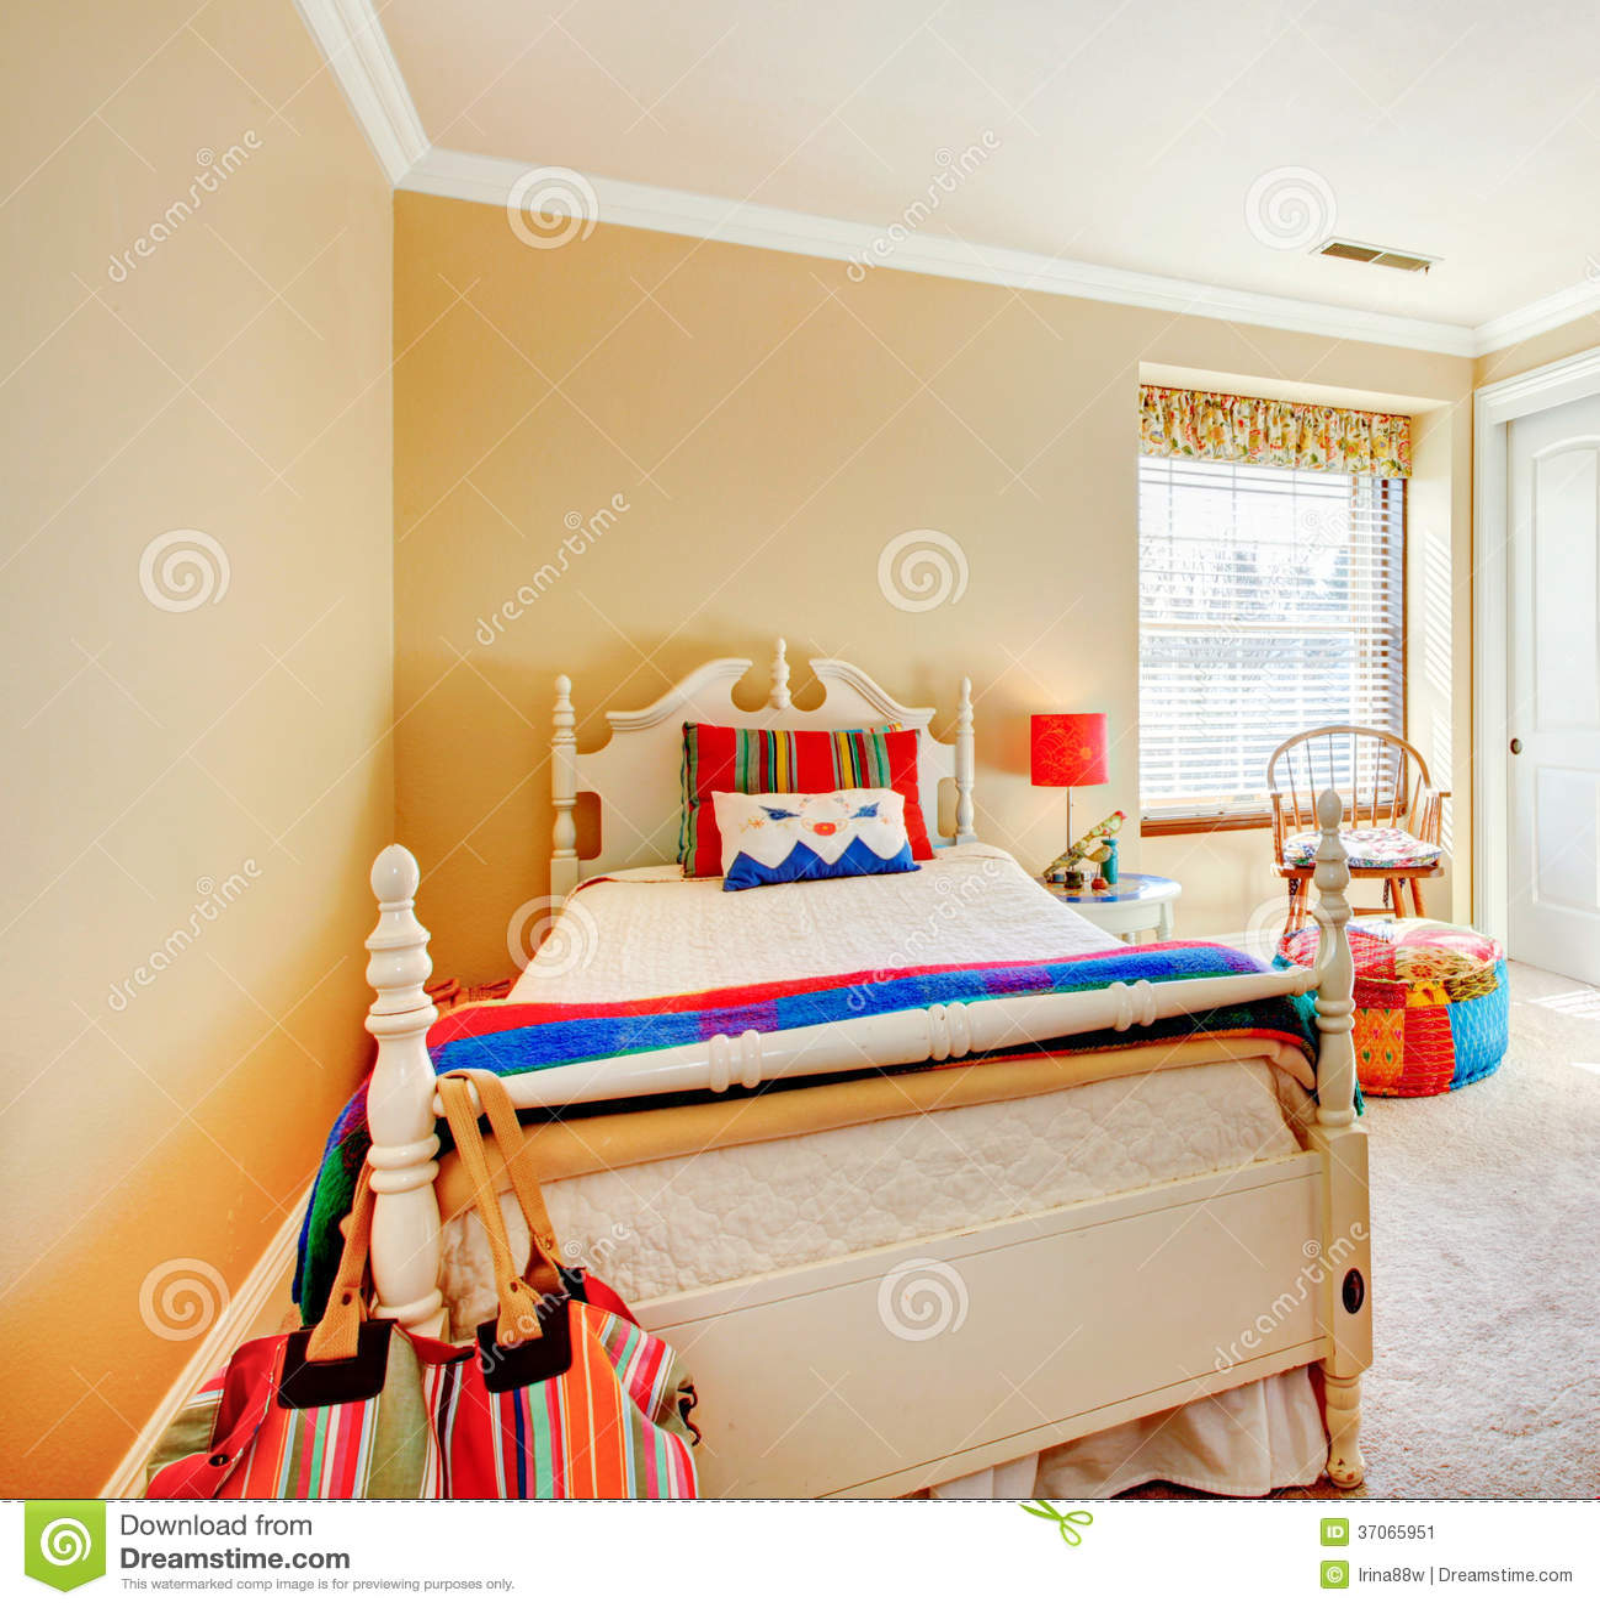 Comfortabele jonge volwassen slaapkamer stock afbeelding afbeelding 37065951 - Volwassen slaapkamer idee ...